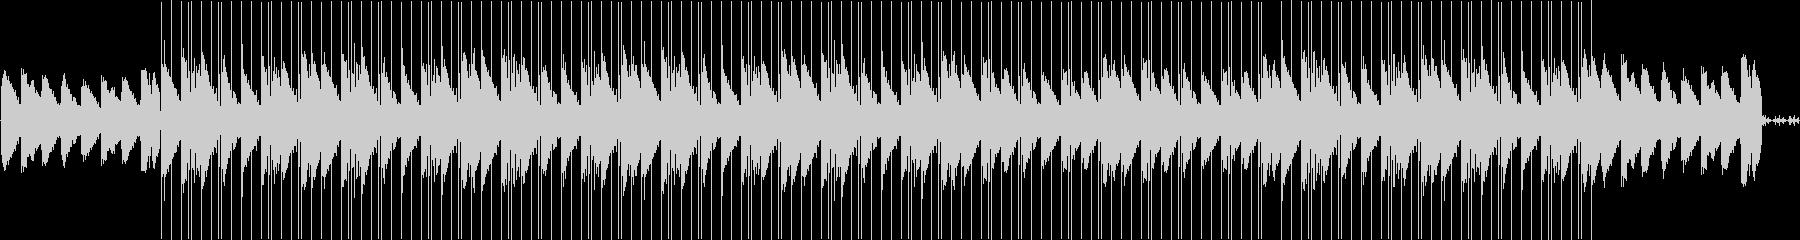 【チルアウト】メランコリー/LoFiの未再生の波形